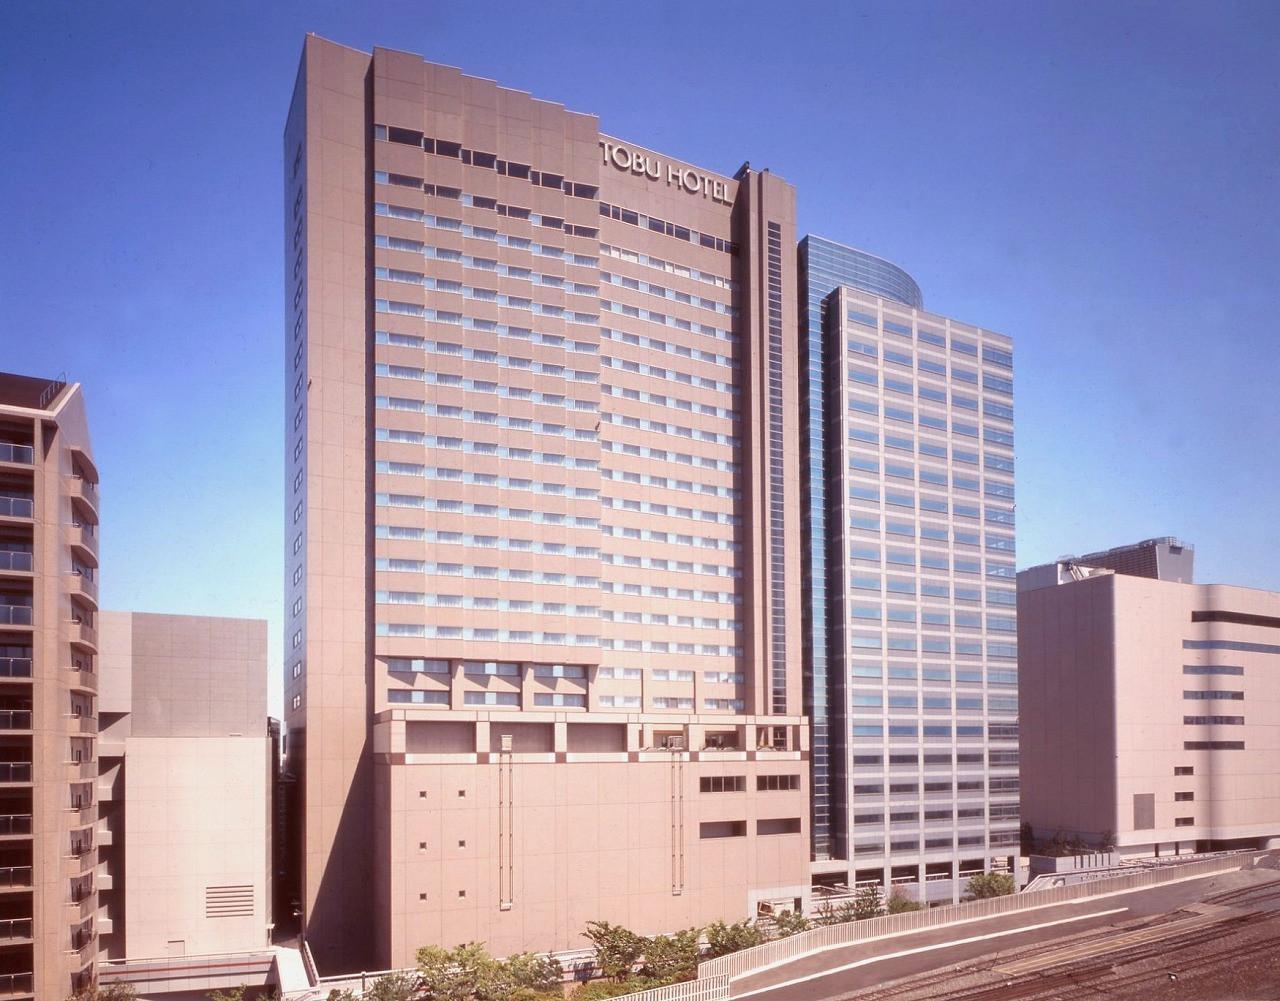 【東武ホテルレバント東京】グッドネイバーホテルでディズニー&東京スカイツリー観光!